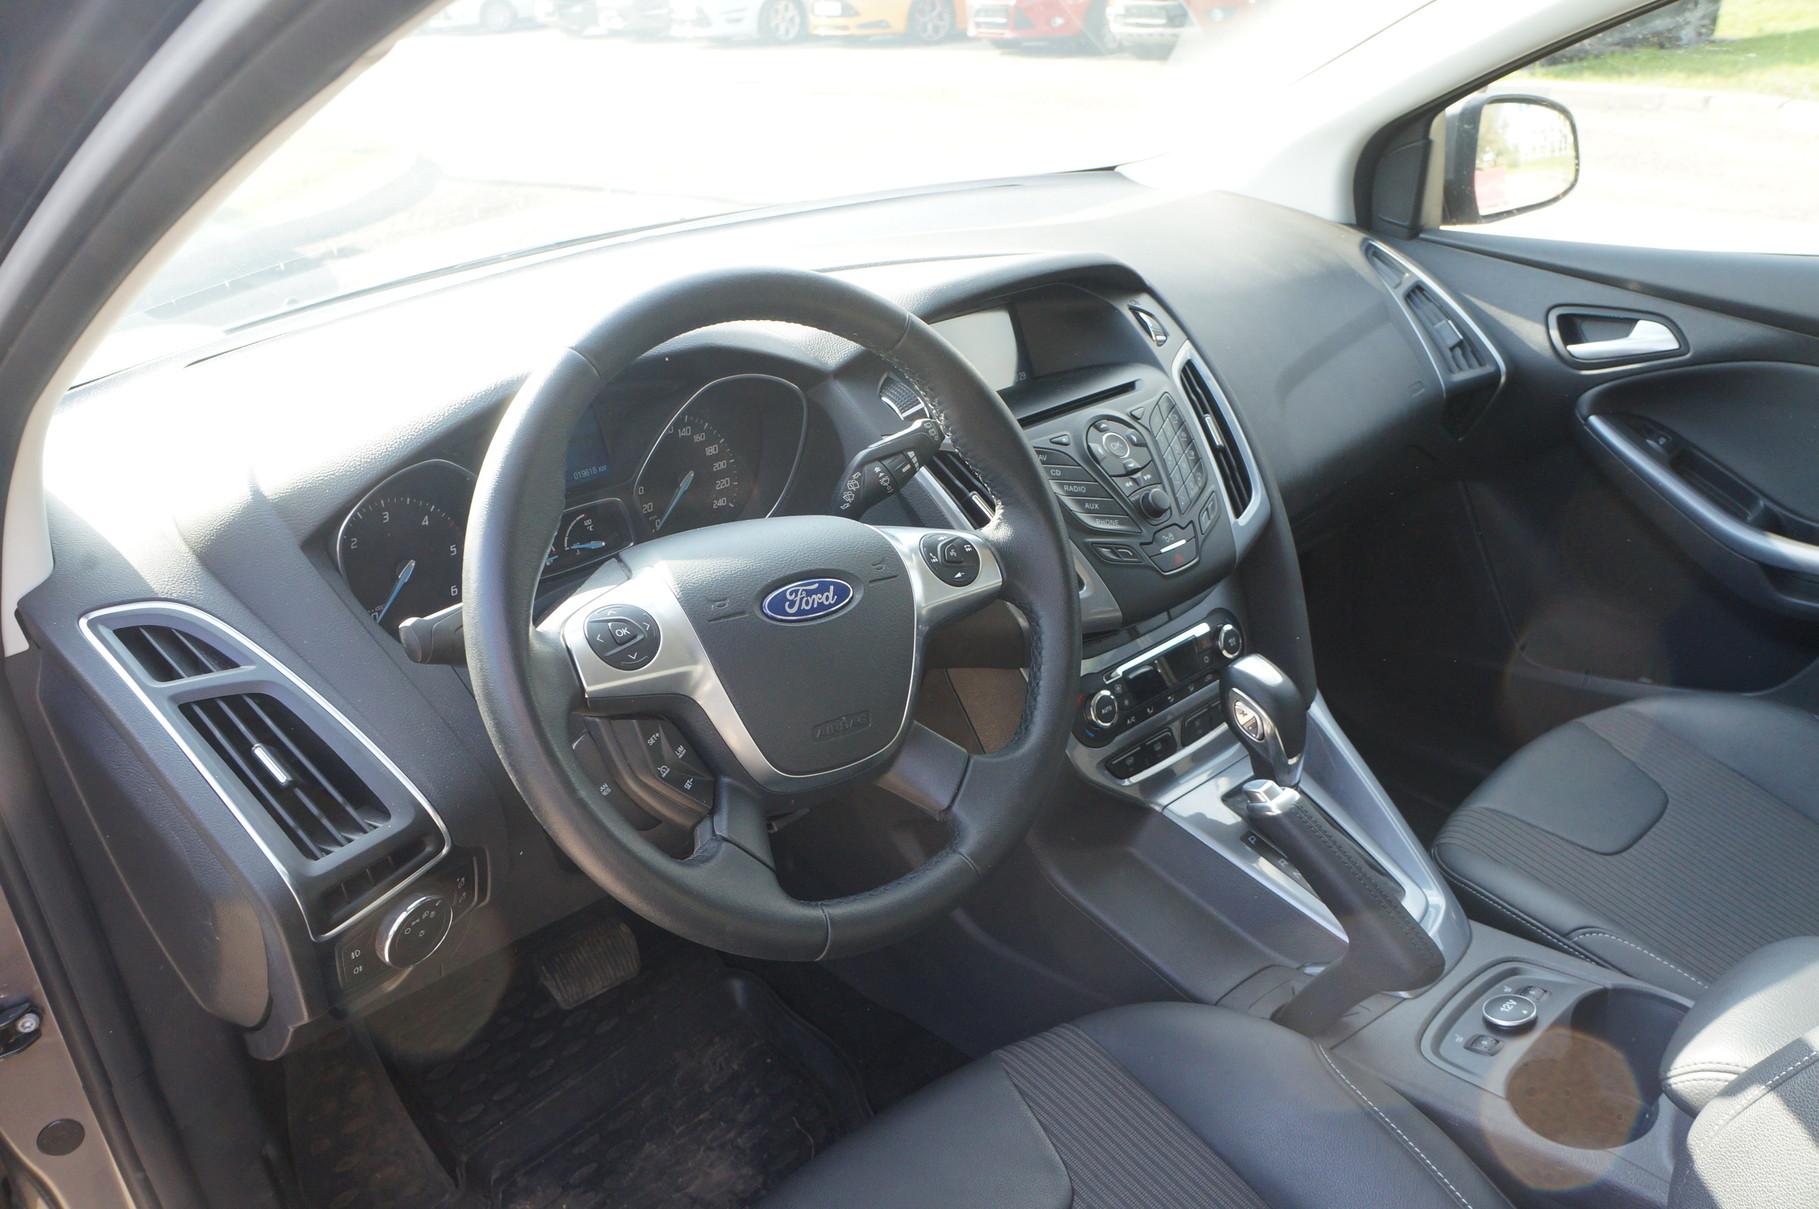 Интерьер Ford Focus интересен и запоминаем вне зависимости от типа кузова